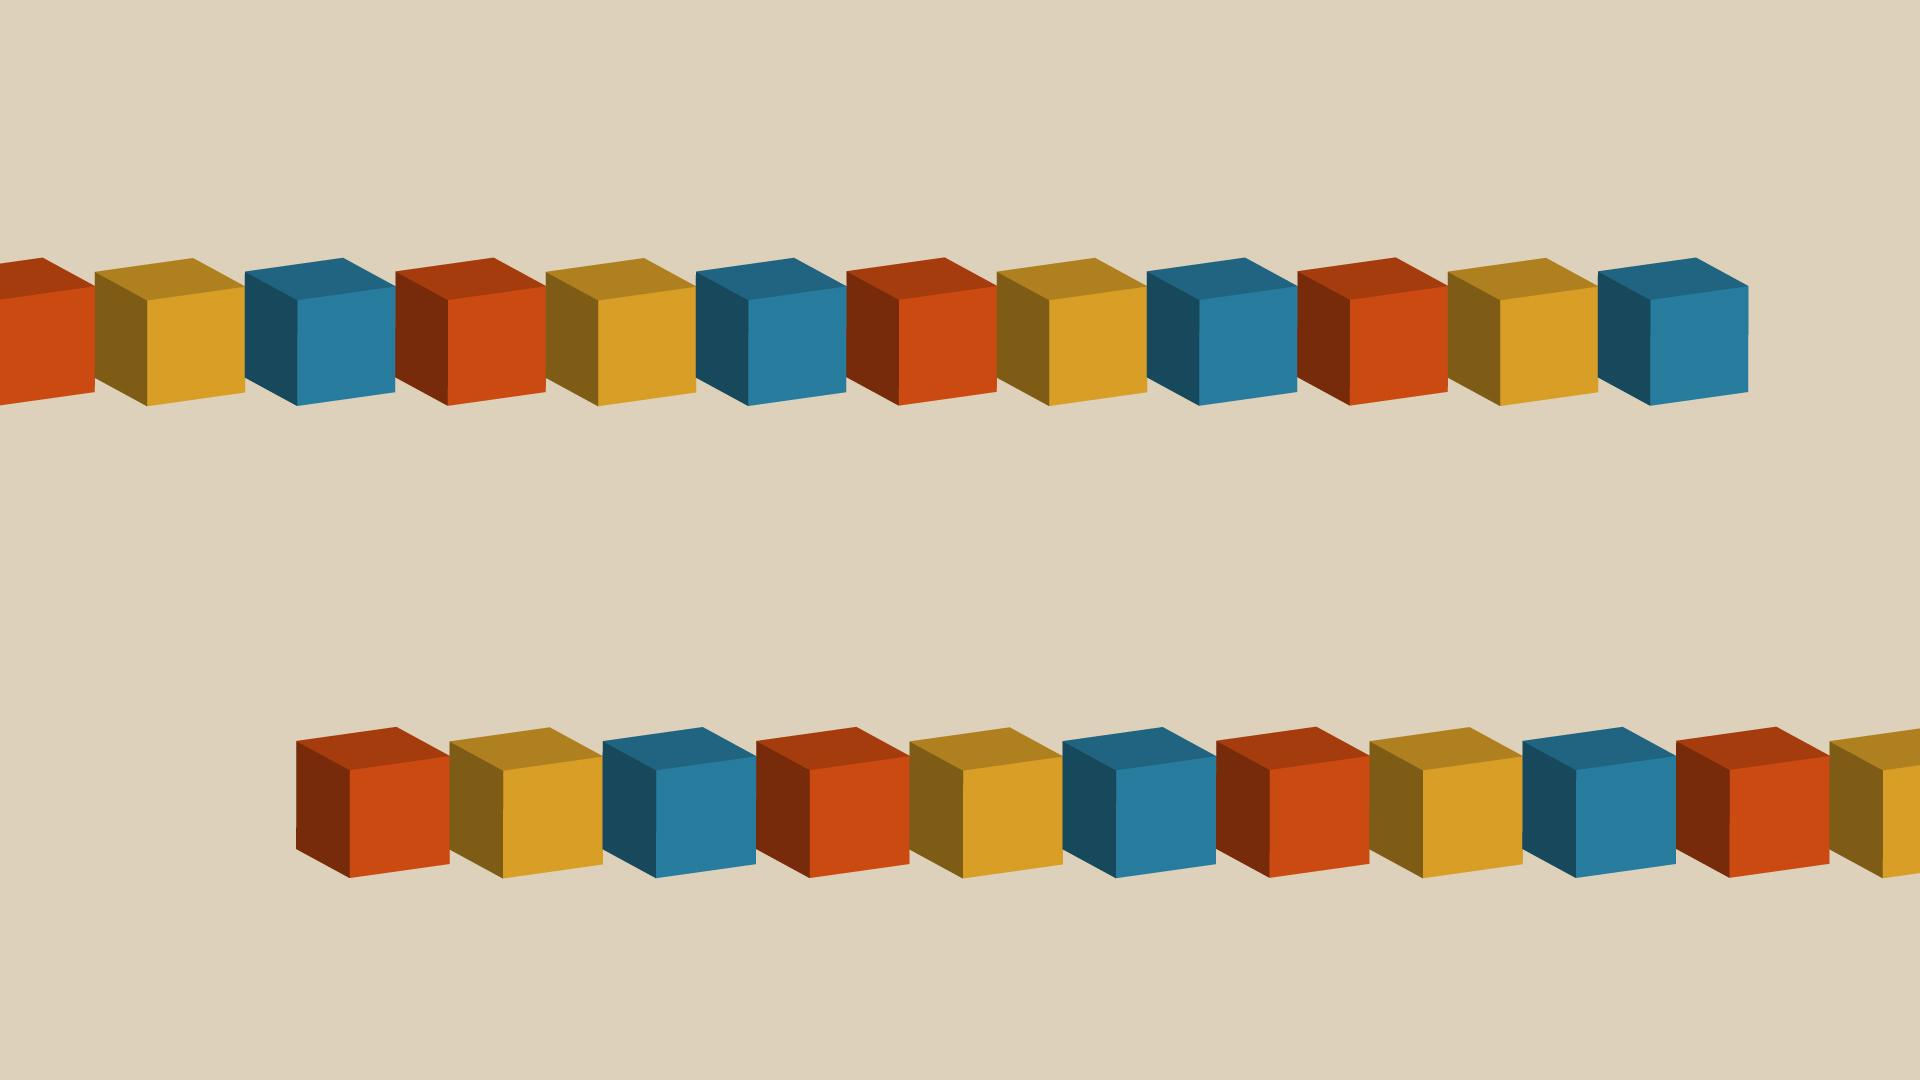 カラフルなブロック模様の壁紙・背景素材 1,920px×1,080px